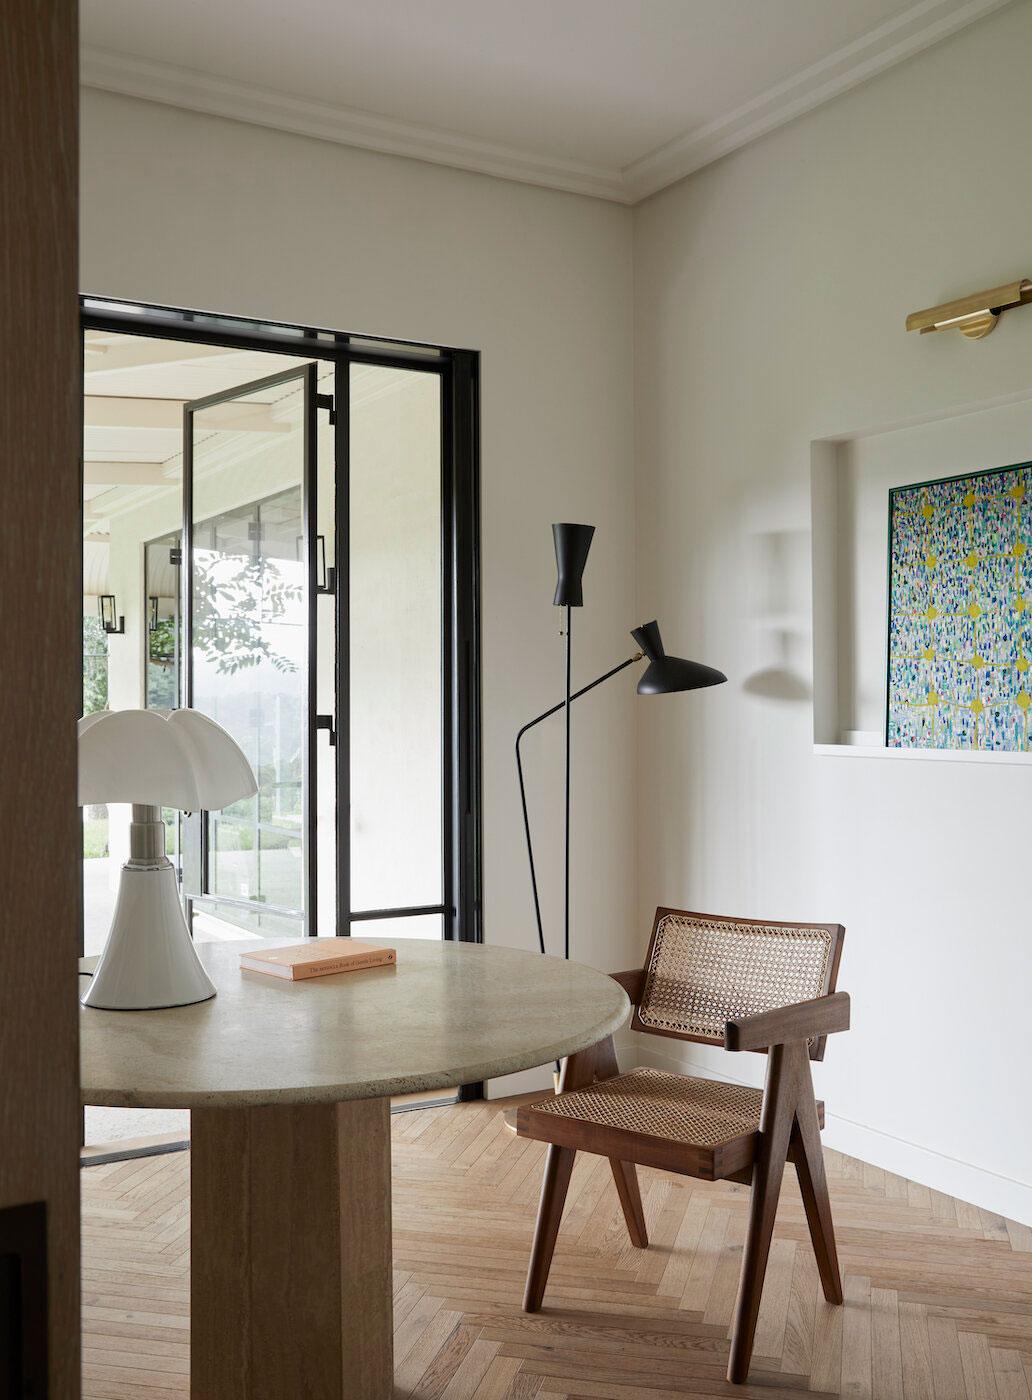 Лёгкие и уютные современные интерьеры исторического имения в Австралии